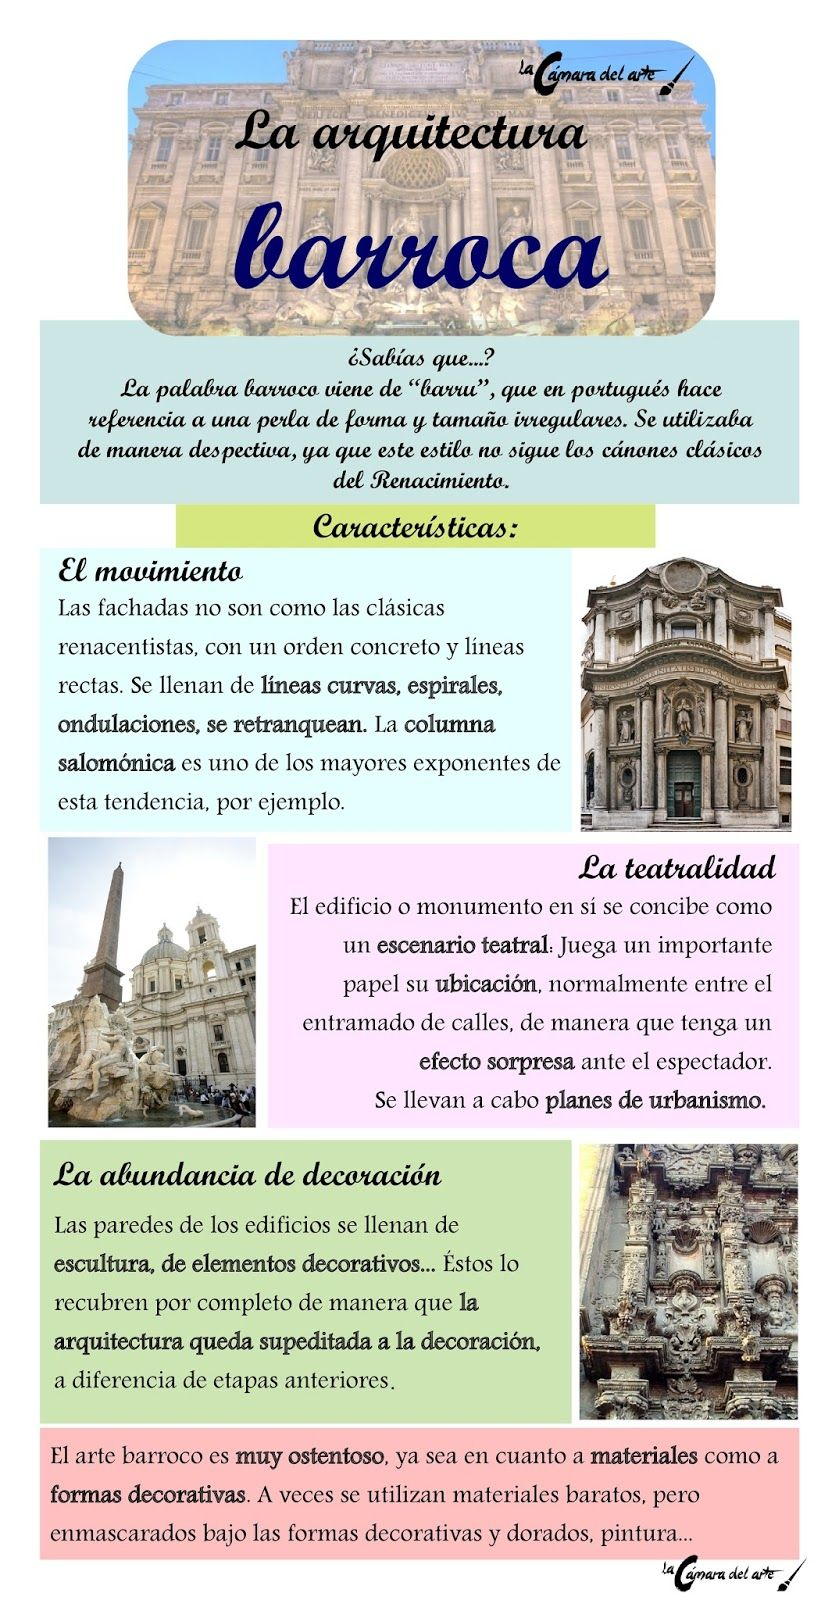 La arquitectura barroca la c mara del arte arte for Infografia arquitectura